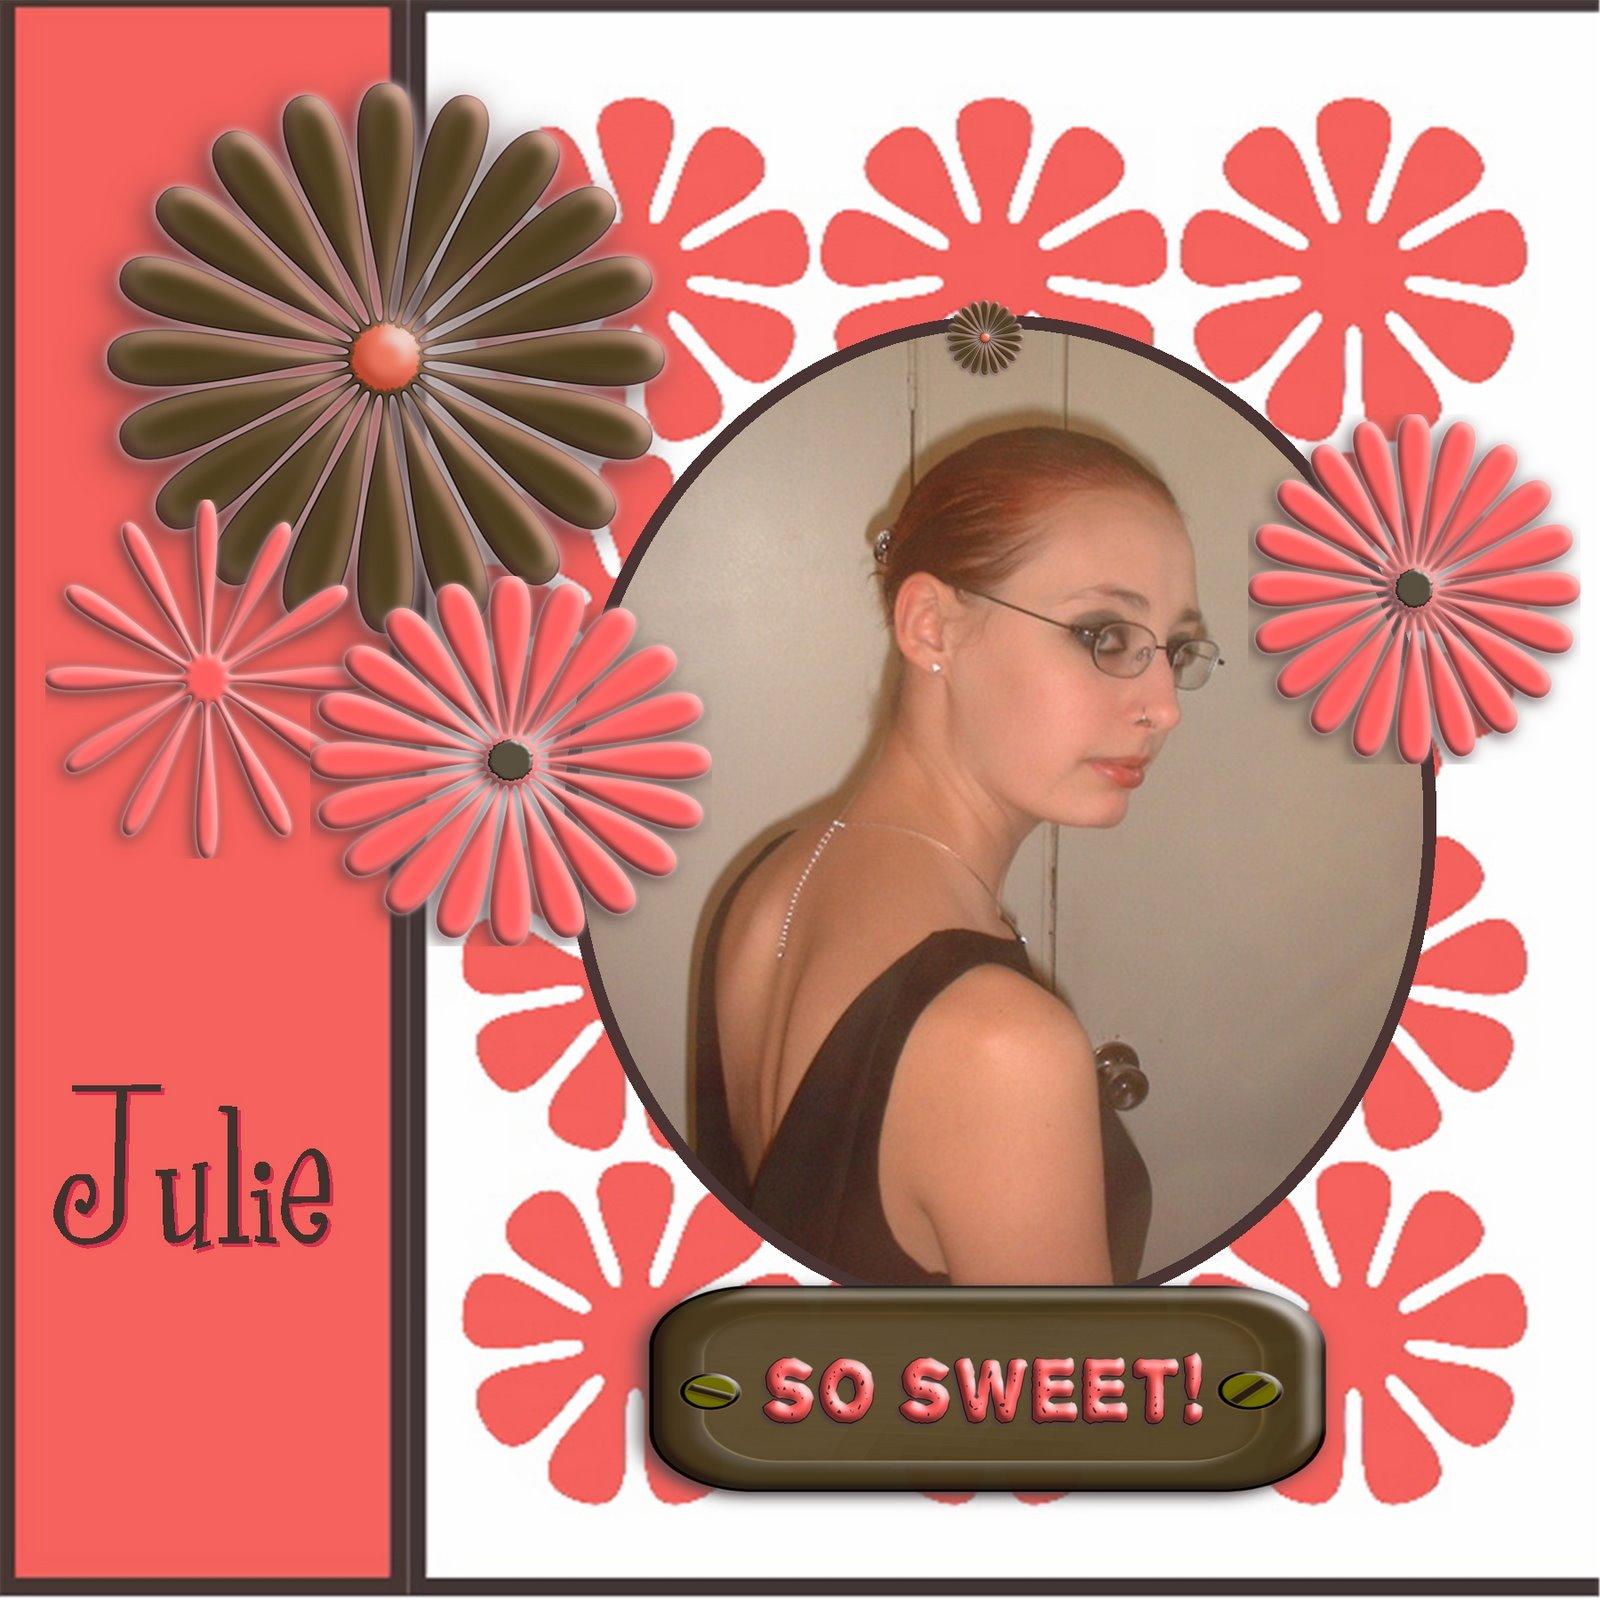 [Julie+So+Sweet.jpg]